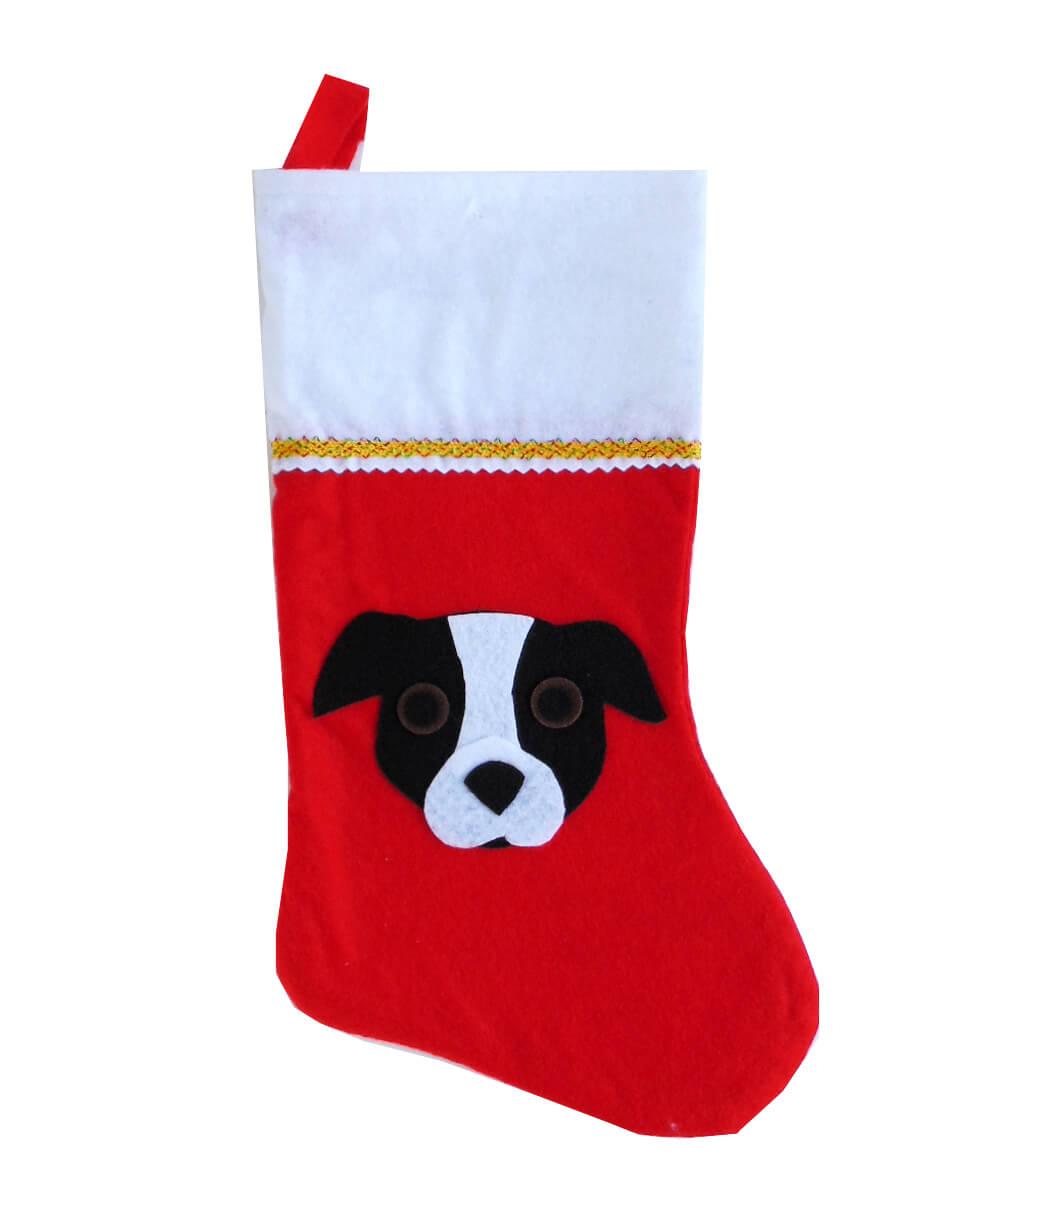 Pit Bull Christmas Stocking - Black & White - Natural Ears